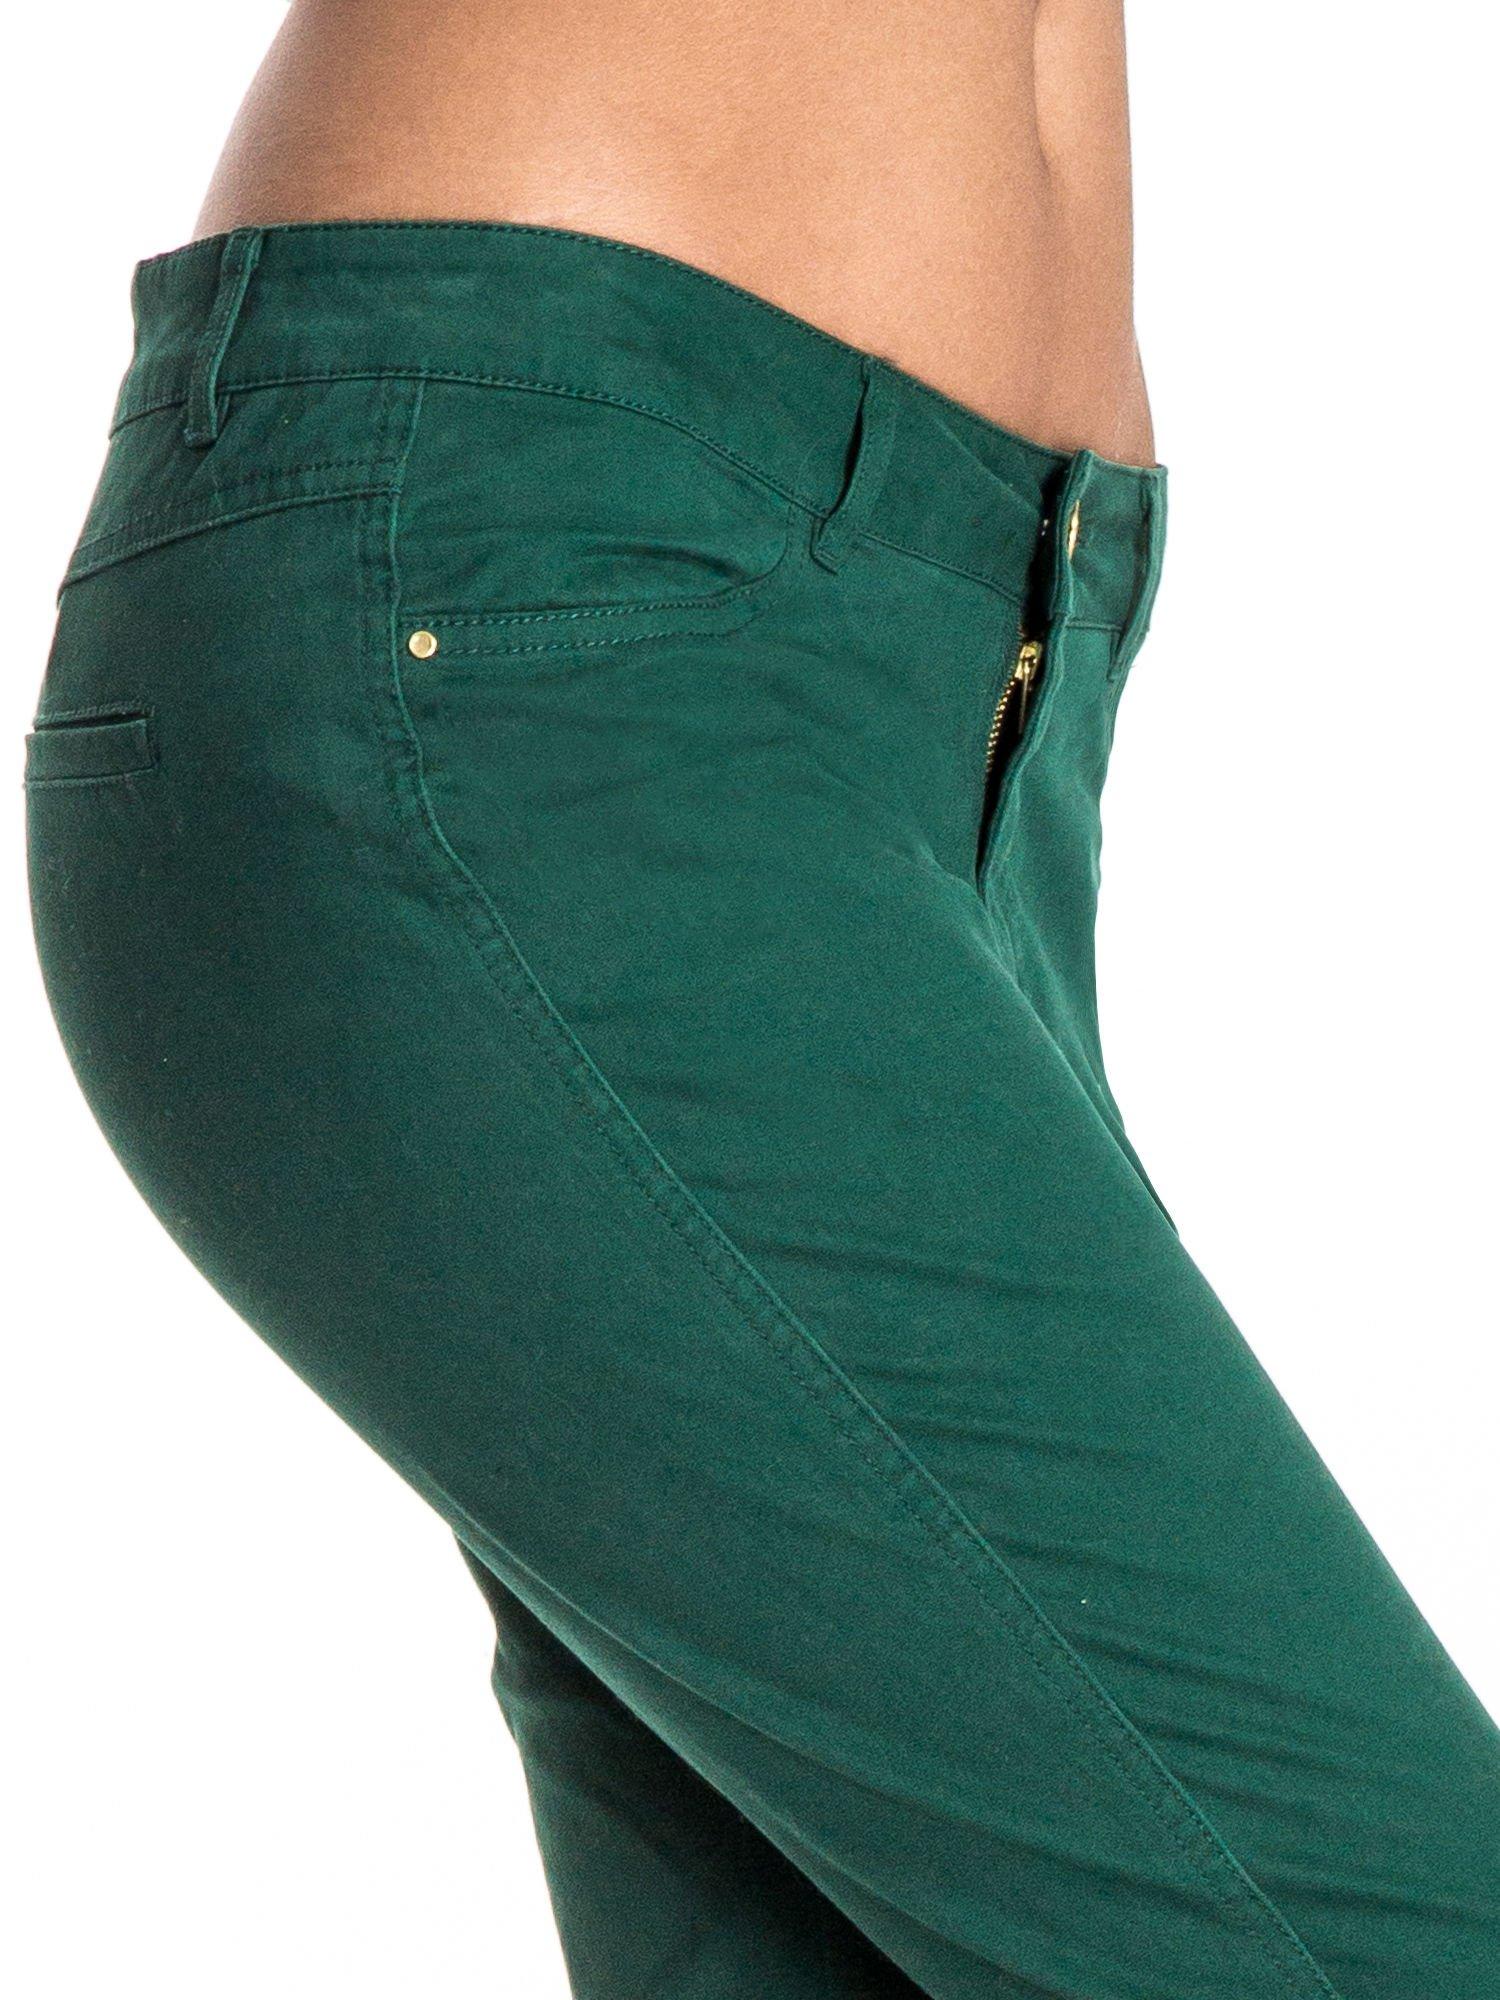 Zielone spodnie materiałowe w stylu chinos                                  zdj.                                  6